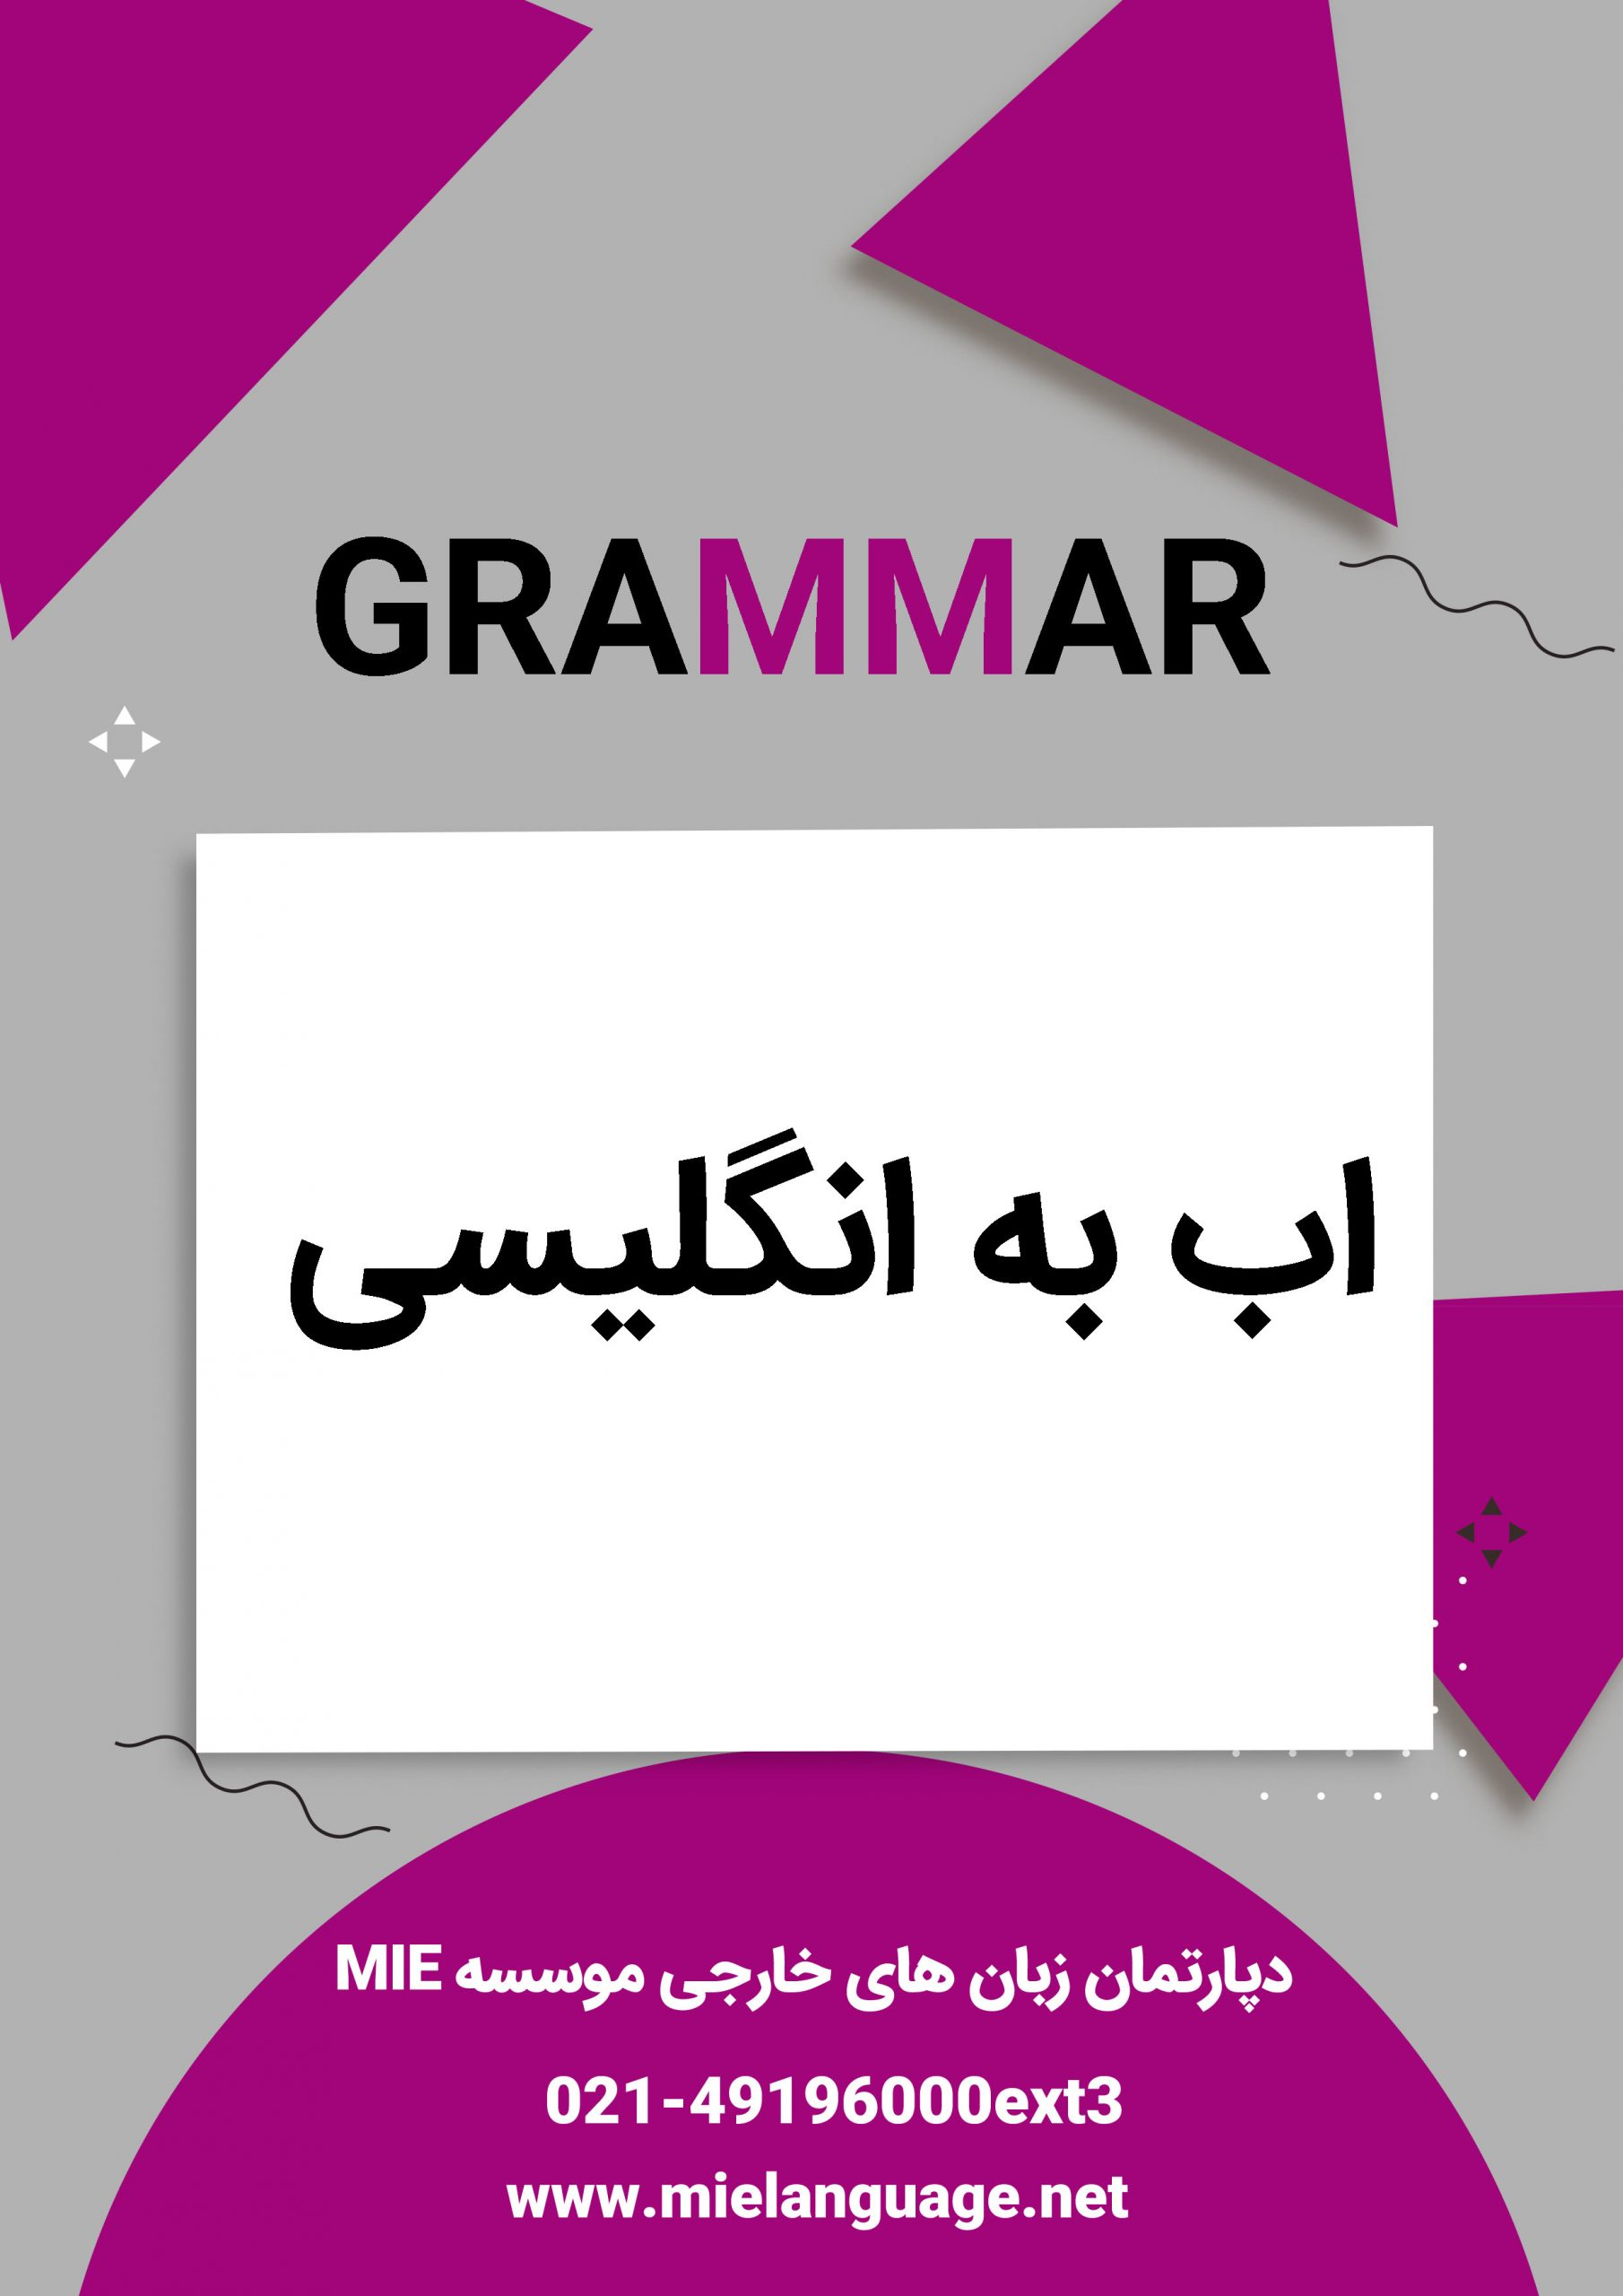 اب به انگلیسی